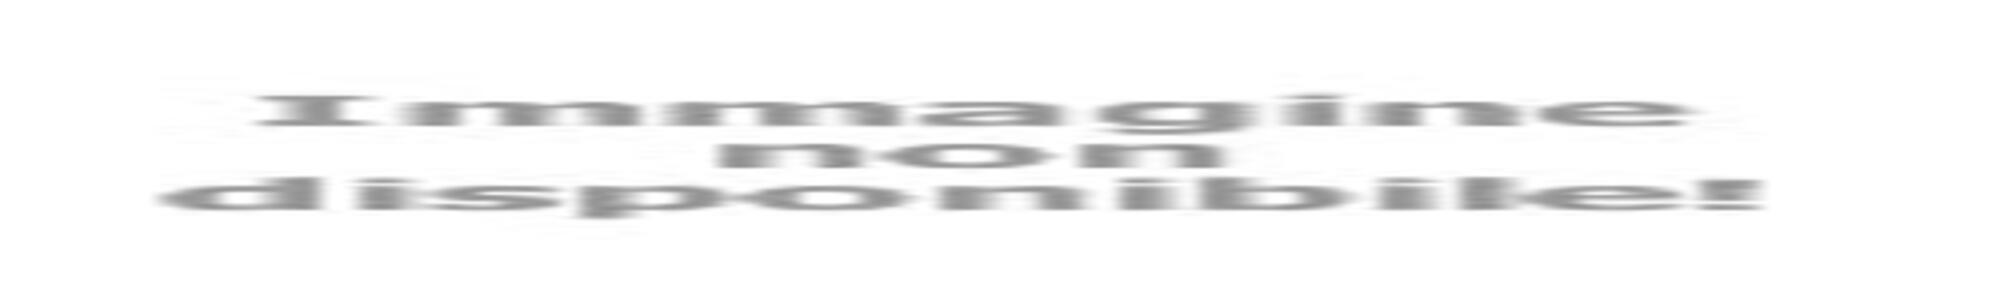 Offerta Soggiorno più biglietto per FICO Grand Tour in Hotel a 5 minuti dal FICO Eataly World